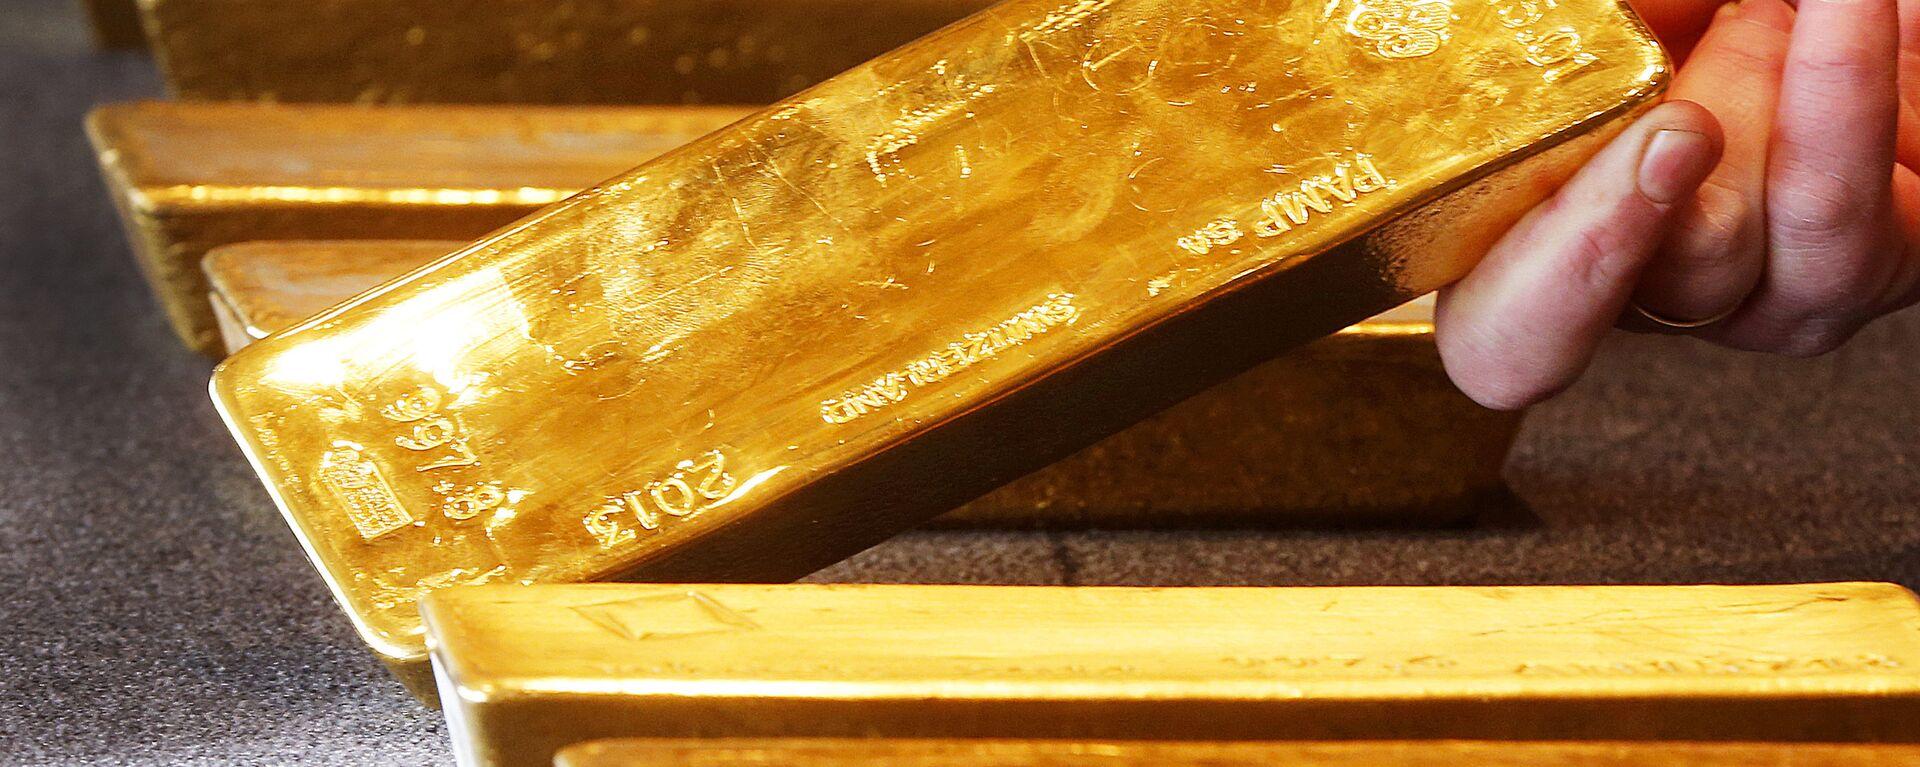 Lingotes de oro - Sputnik Mundo, 1920, 24.05.2021